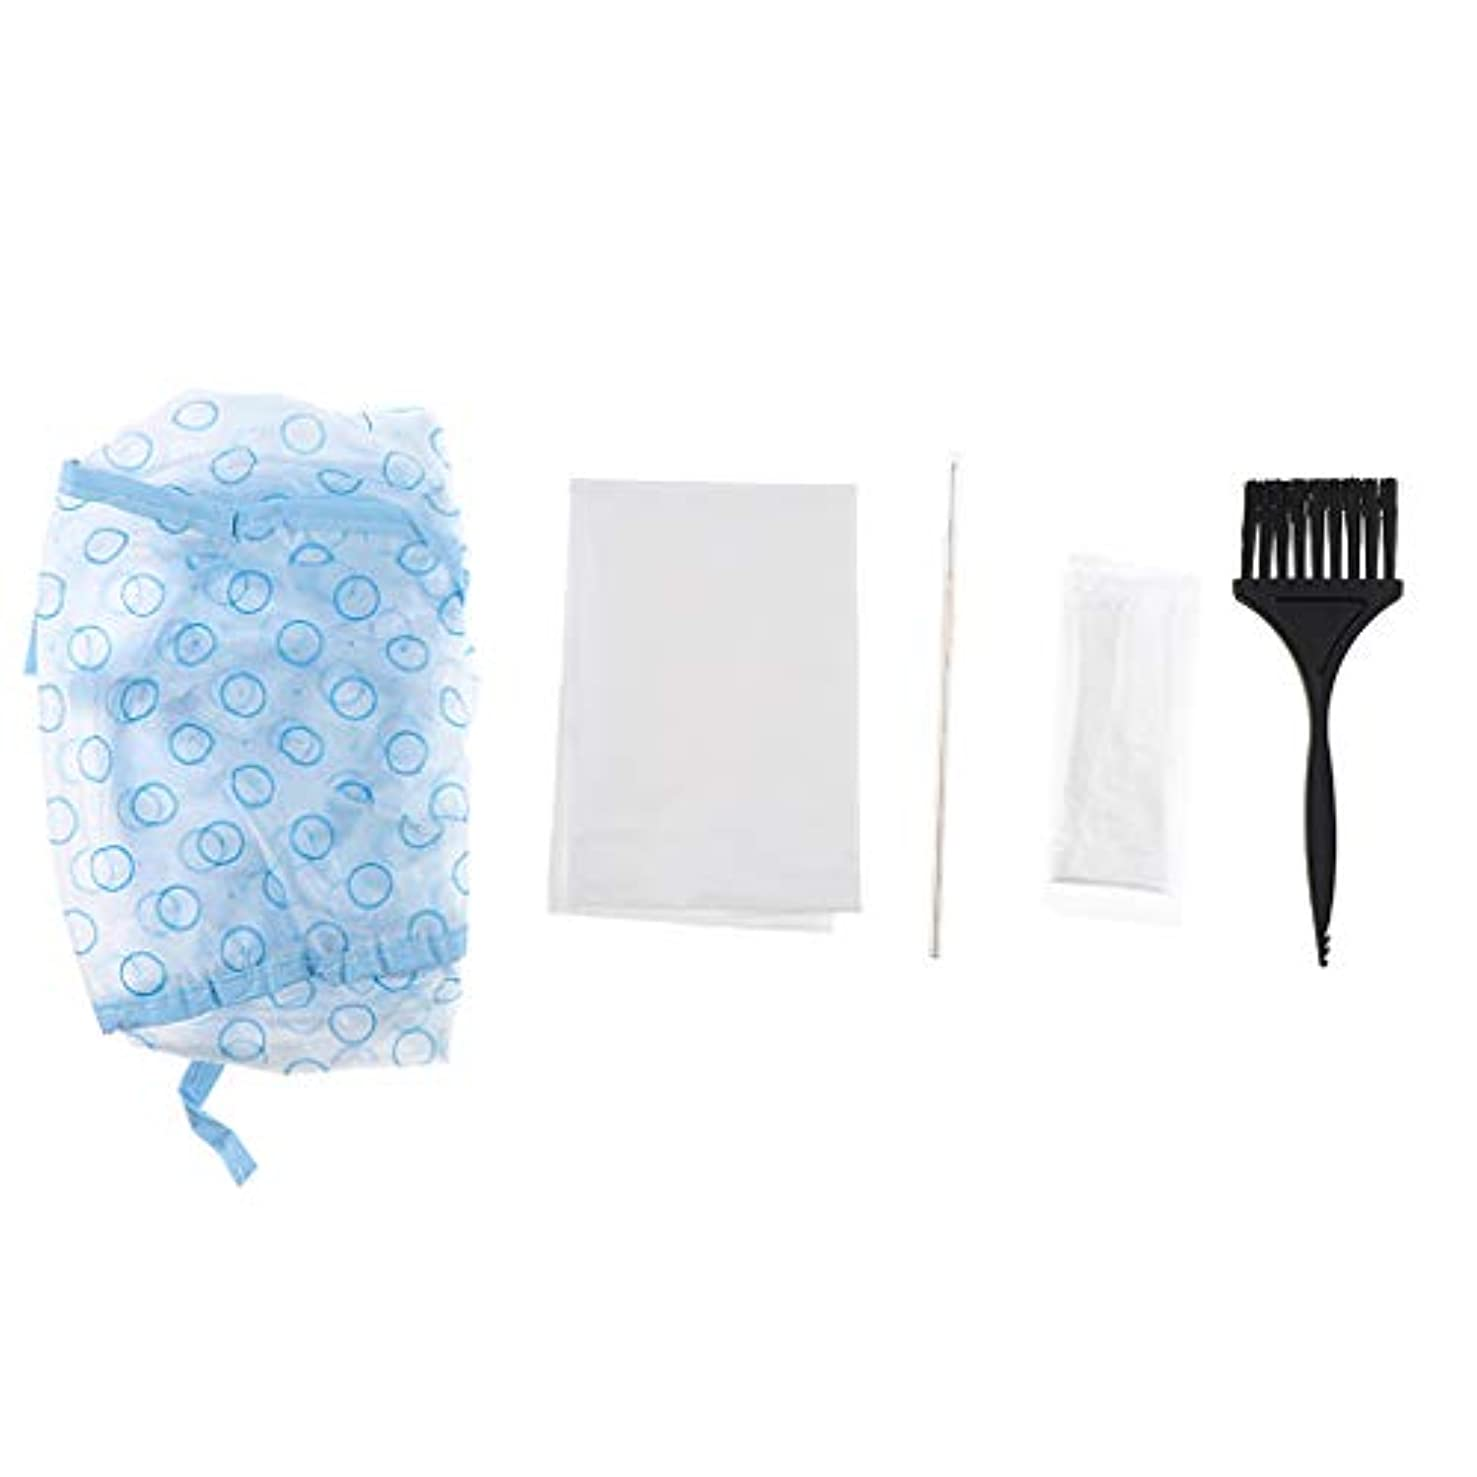 ペナルティ海洋ストライド髪染めブラシ キャップ フック針 手袋 ヘア染めツールキット 5個セット